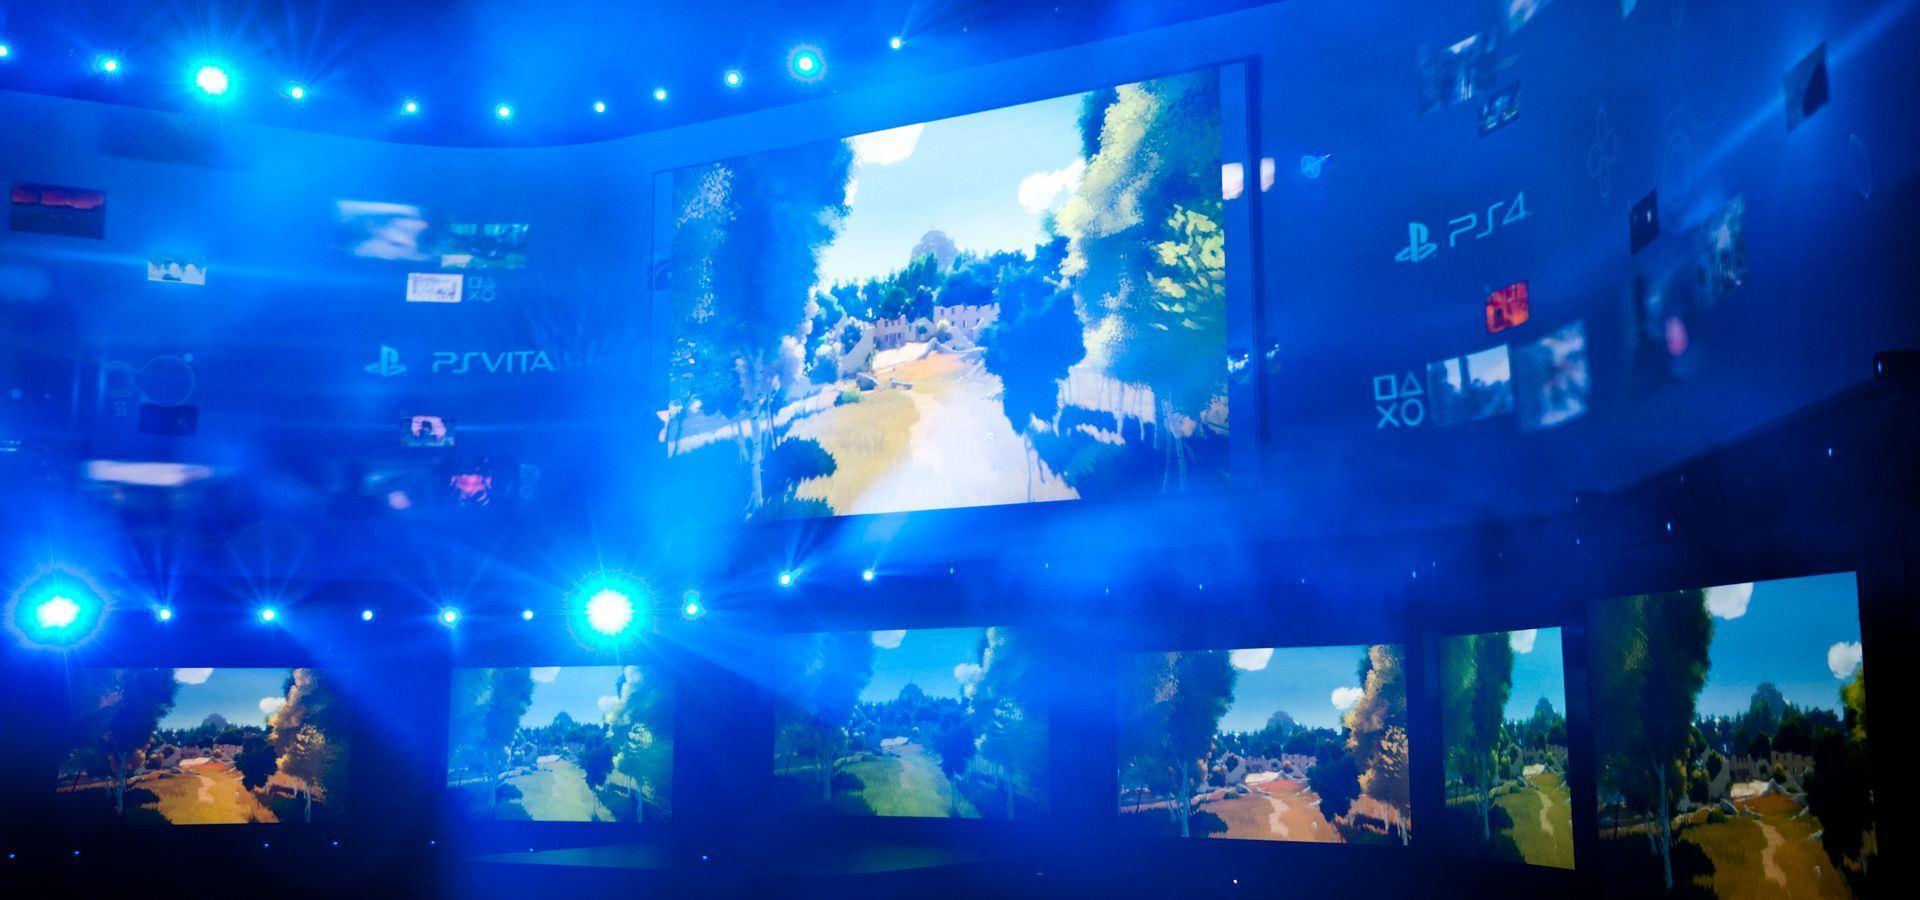 E3-2014: Họp báo Sony - Ít có bất ngờ mới!